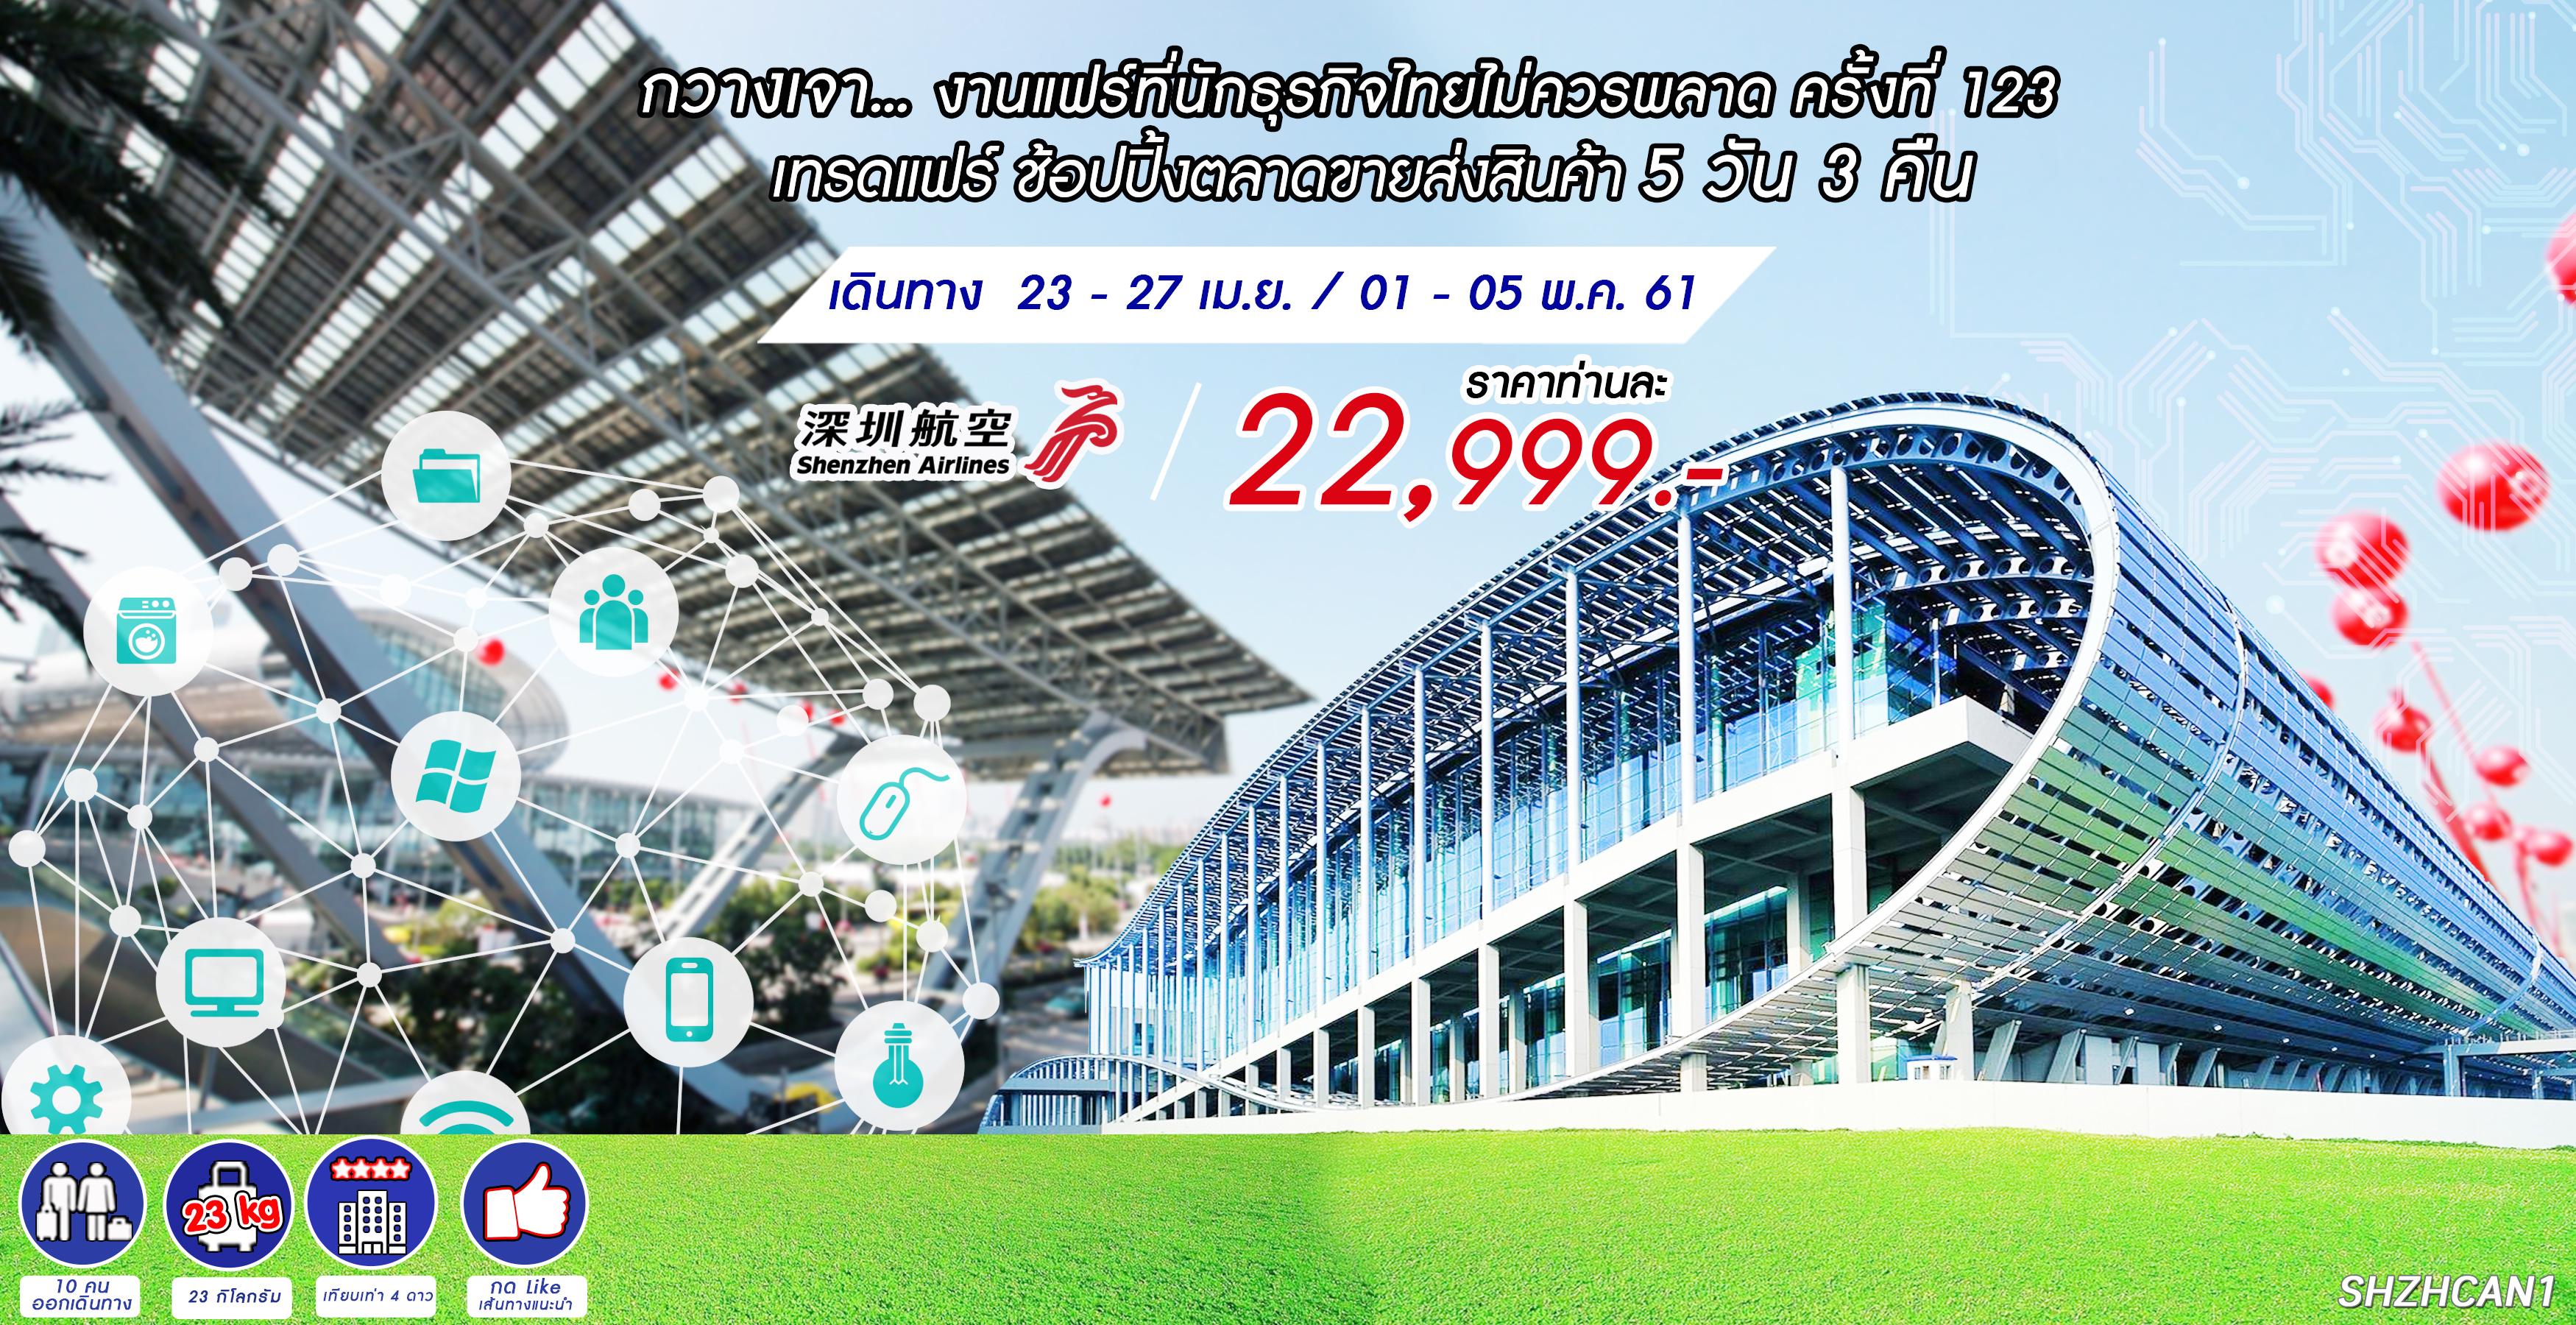 ทัวร์จีน ทัวร์กวางเจาเทรดแฟร์ ช้อปปิ้งตลาดขายส่งสินค้า 5 วัน 3 คืน (ZH)